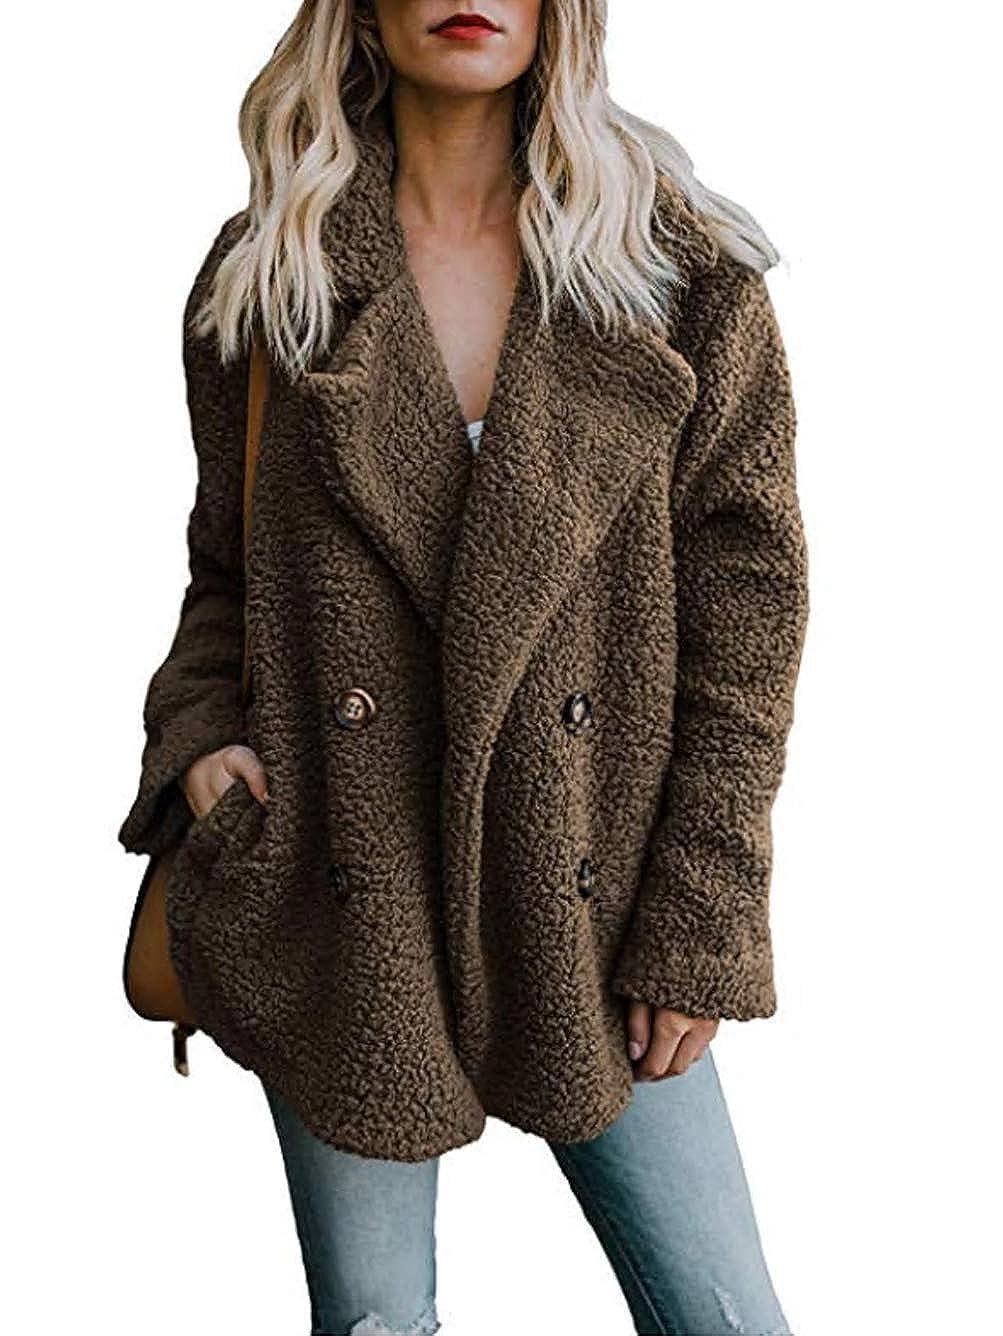 Famulily Women's Winter Warm Open Front Fleece Fluffy Jacket Coat Outwear with Pockets 256342F2